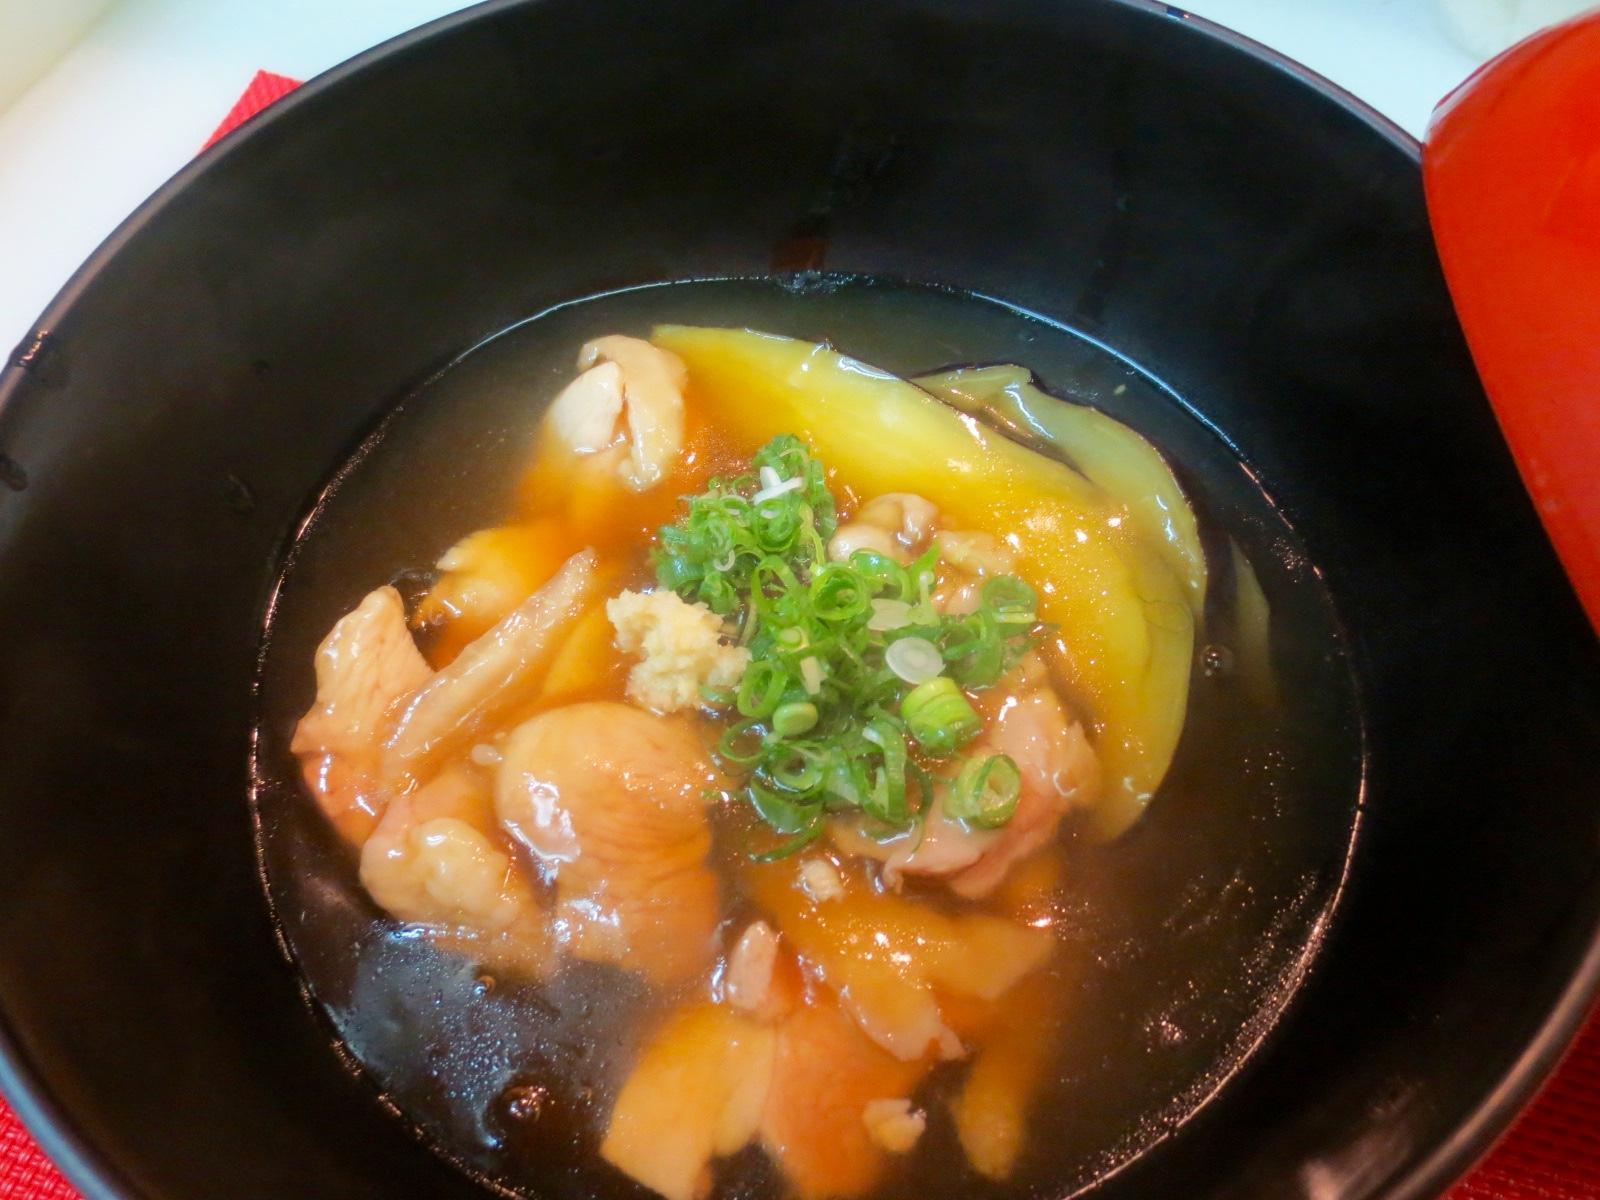 水茄子と地とりくず煮